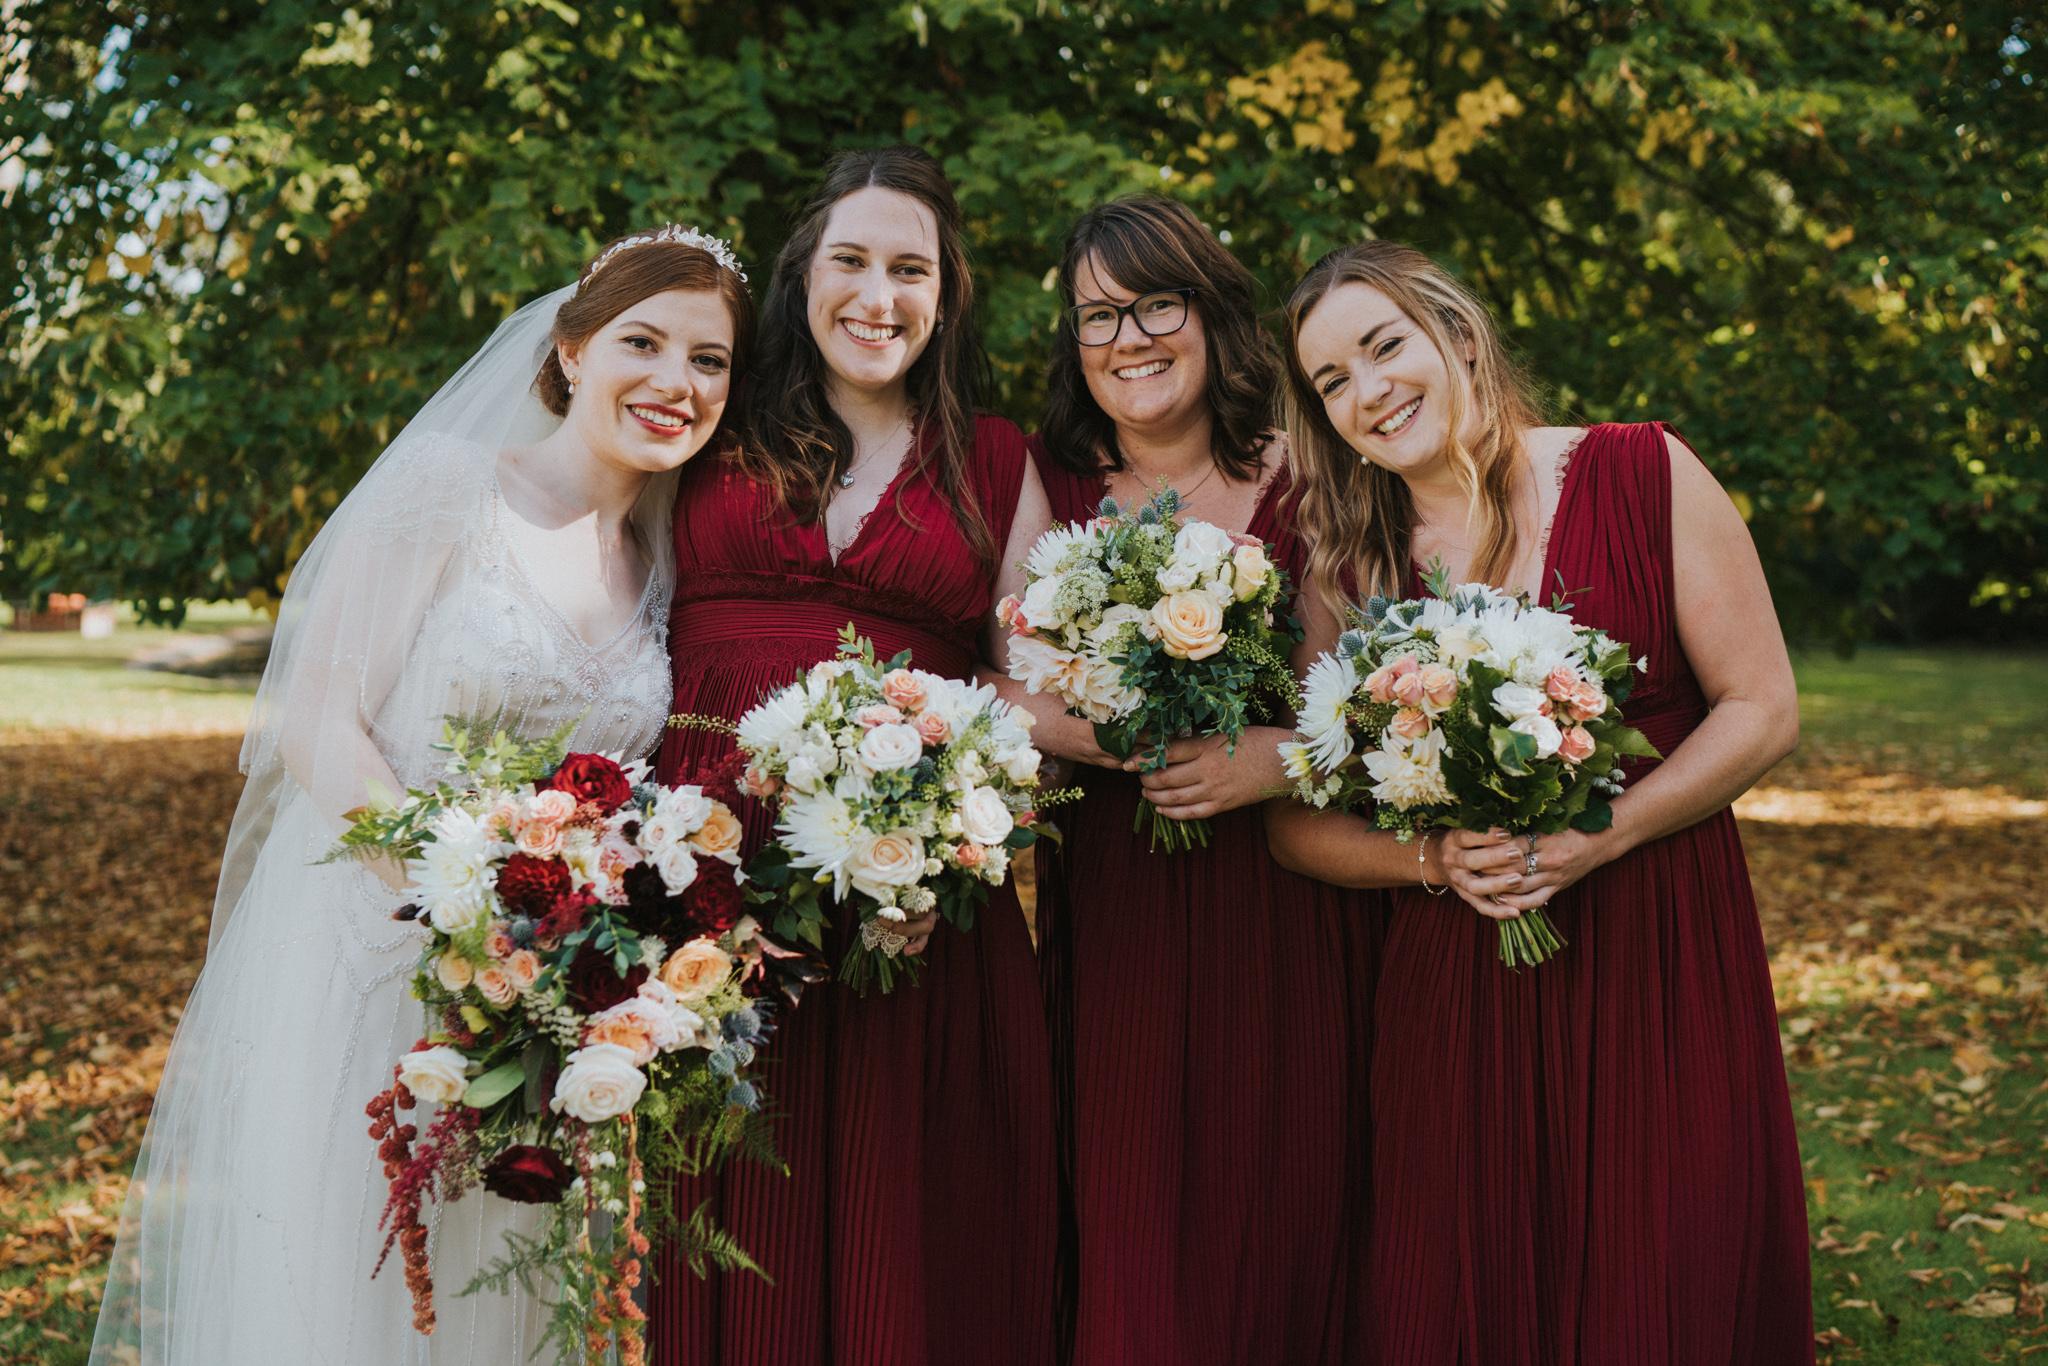 philippa-mark-holmewood-hall-peterborough-grace-elizabeth-colchester-essex-norfolk-devon-suffolk-alternative-wedding-photographer (47 of 62).jpg